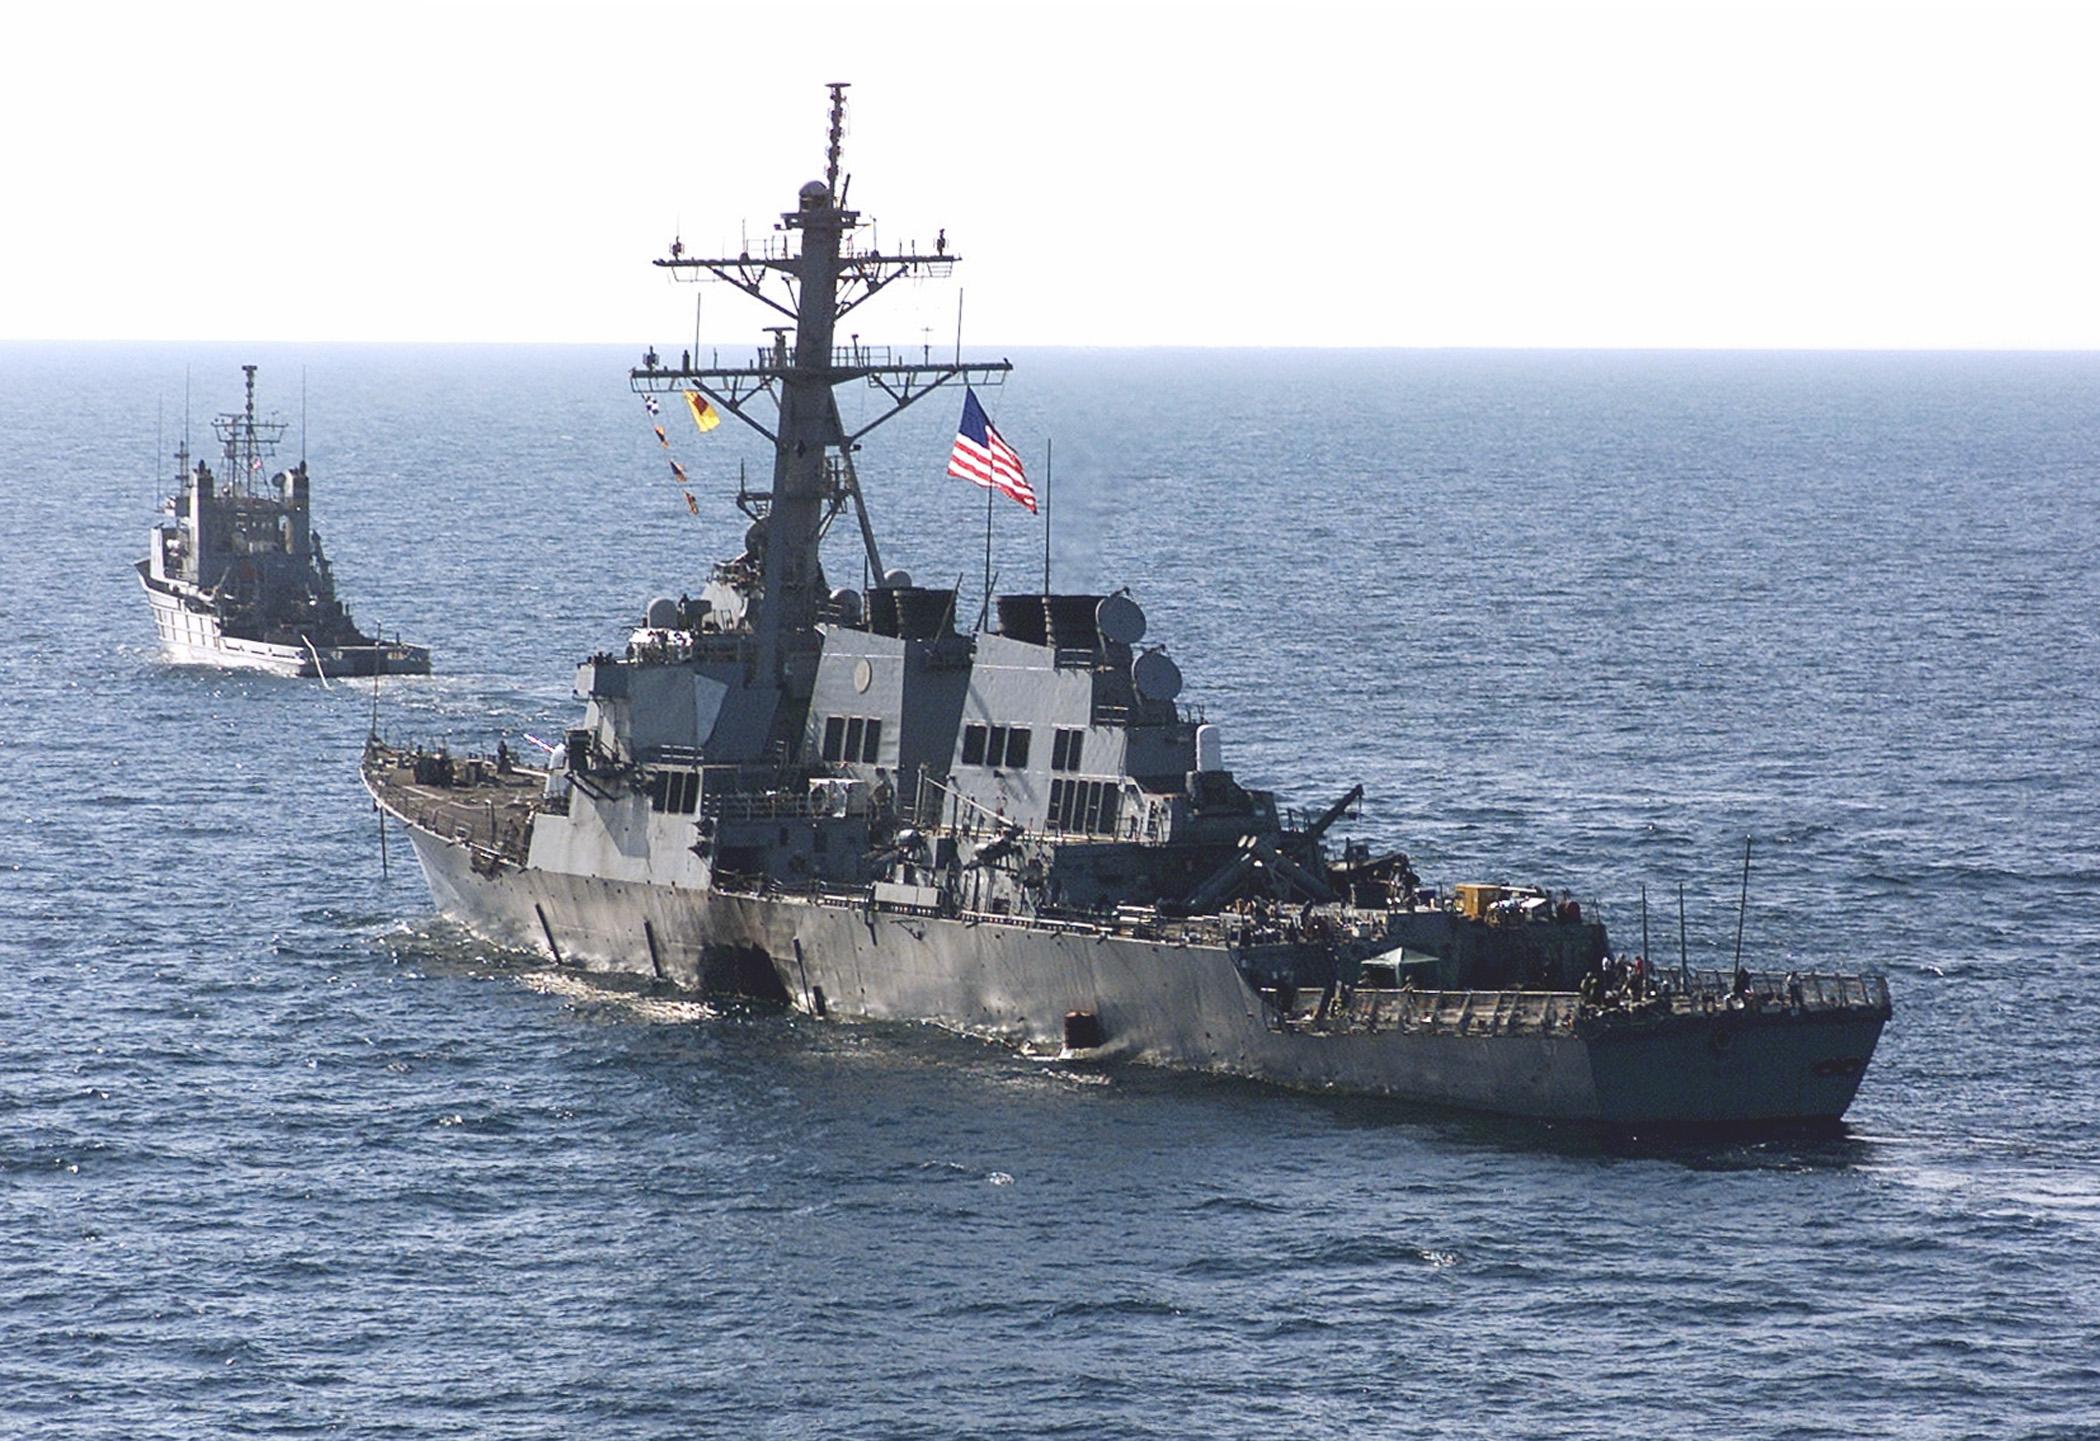 الإمارات تستنكر هجوم الحوثيين على المدمرة الأميركية قبالة سواحل اليمن